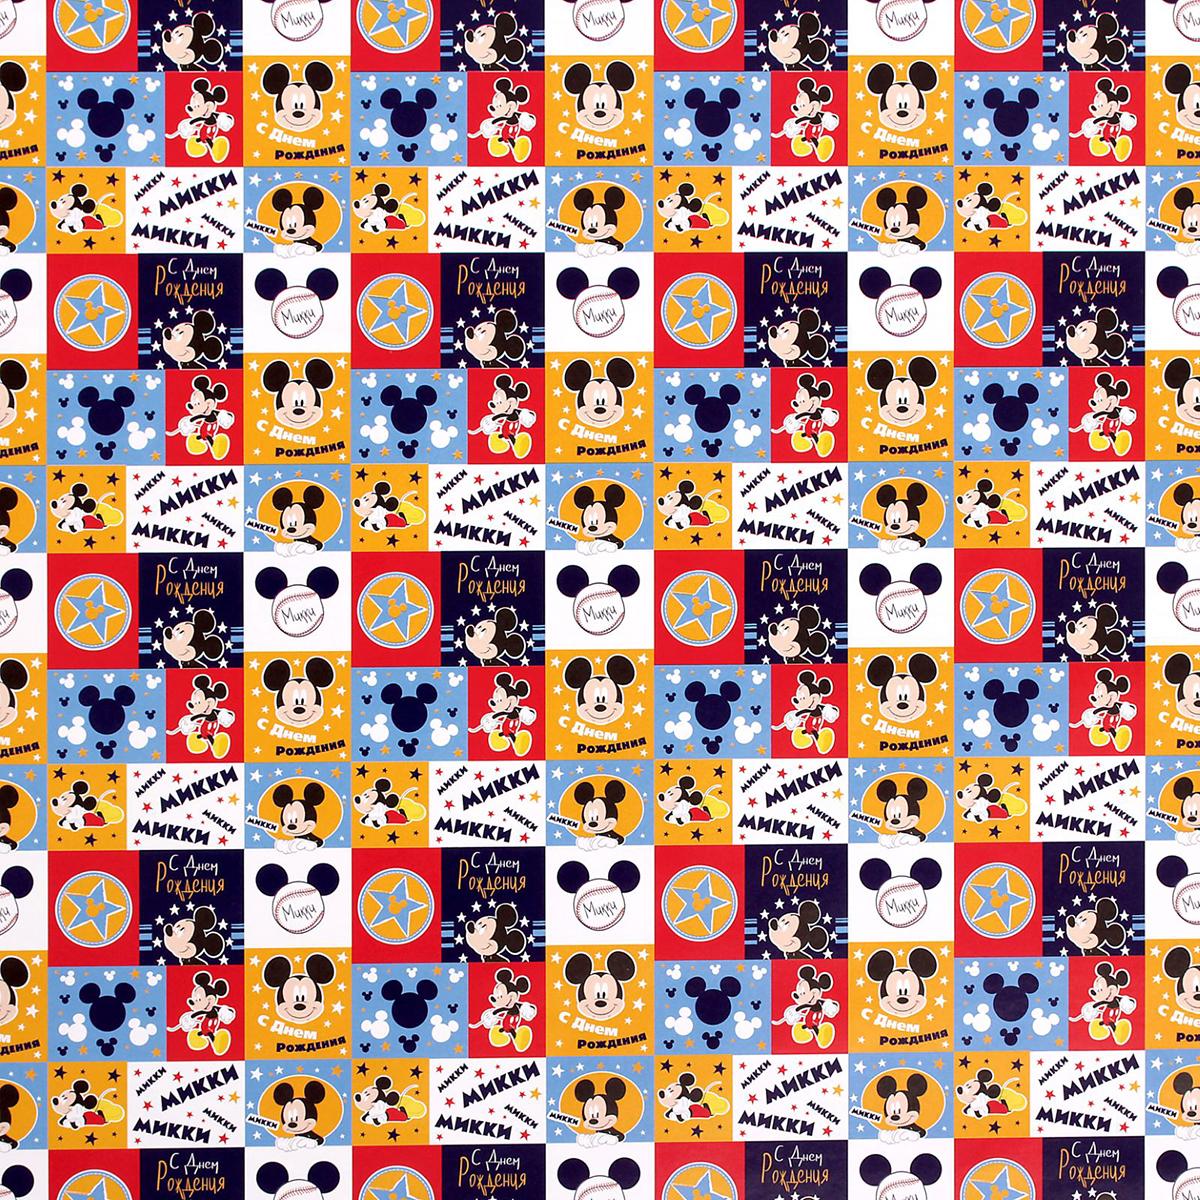 Бумага упаковочная Disney С Днем Рождения. Микки Маус, глянцевая, 50 х 70 см бумага упаковочная disney с днем рождения самая милая минни маус глянцевая 70 х 100 см 2390649